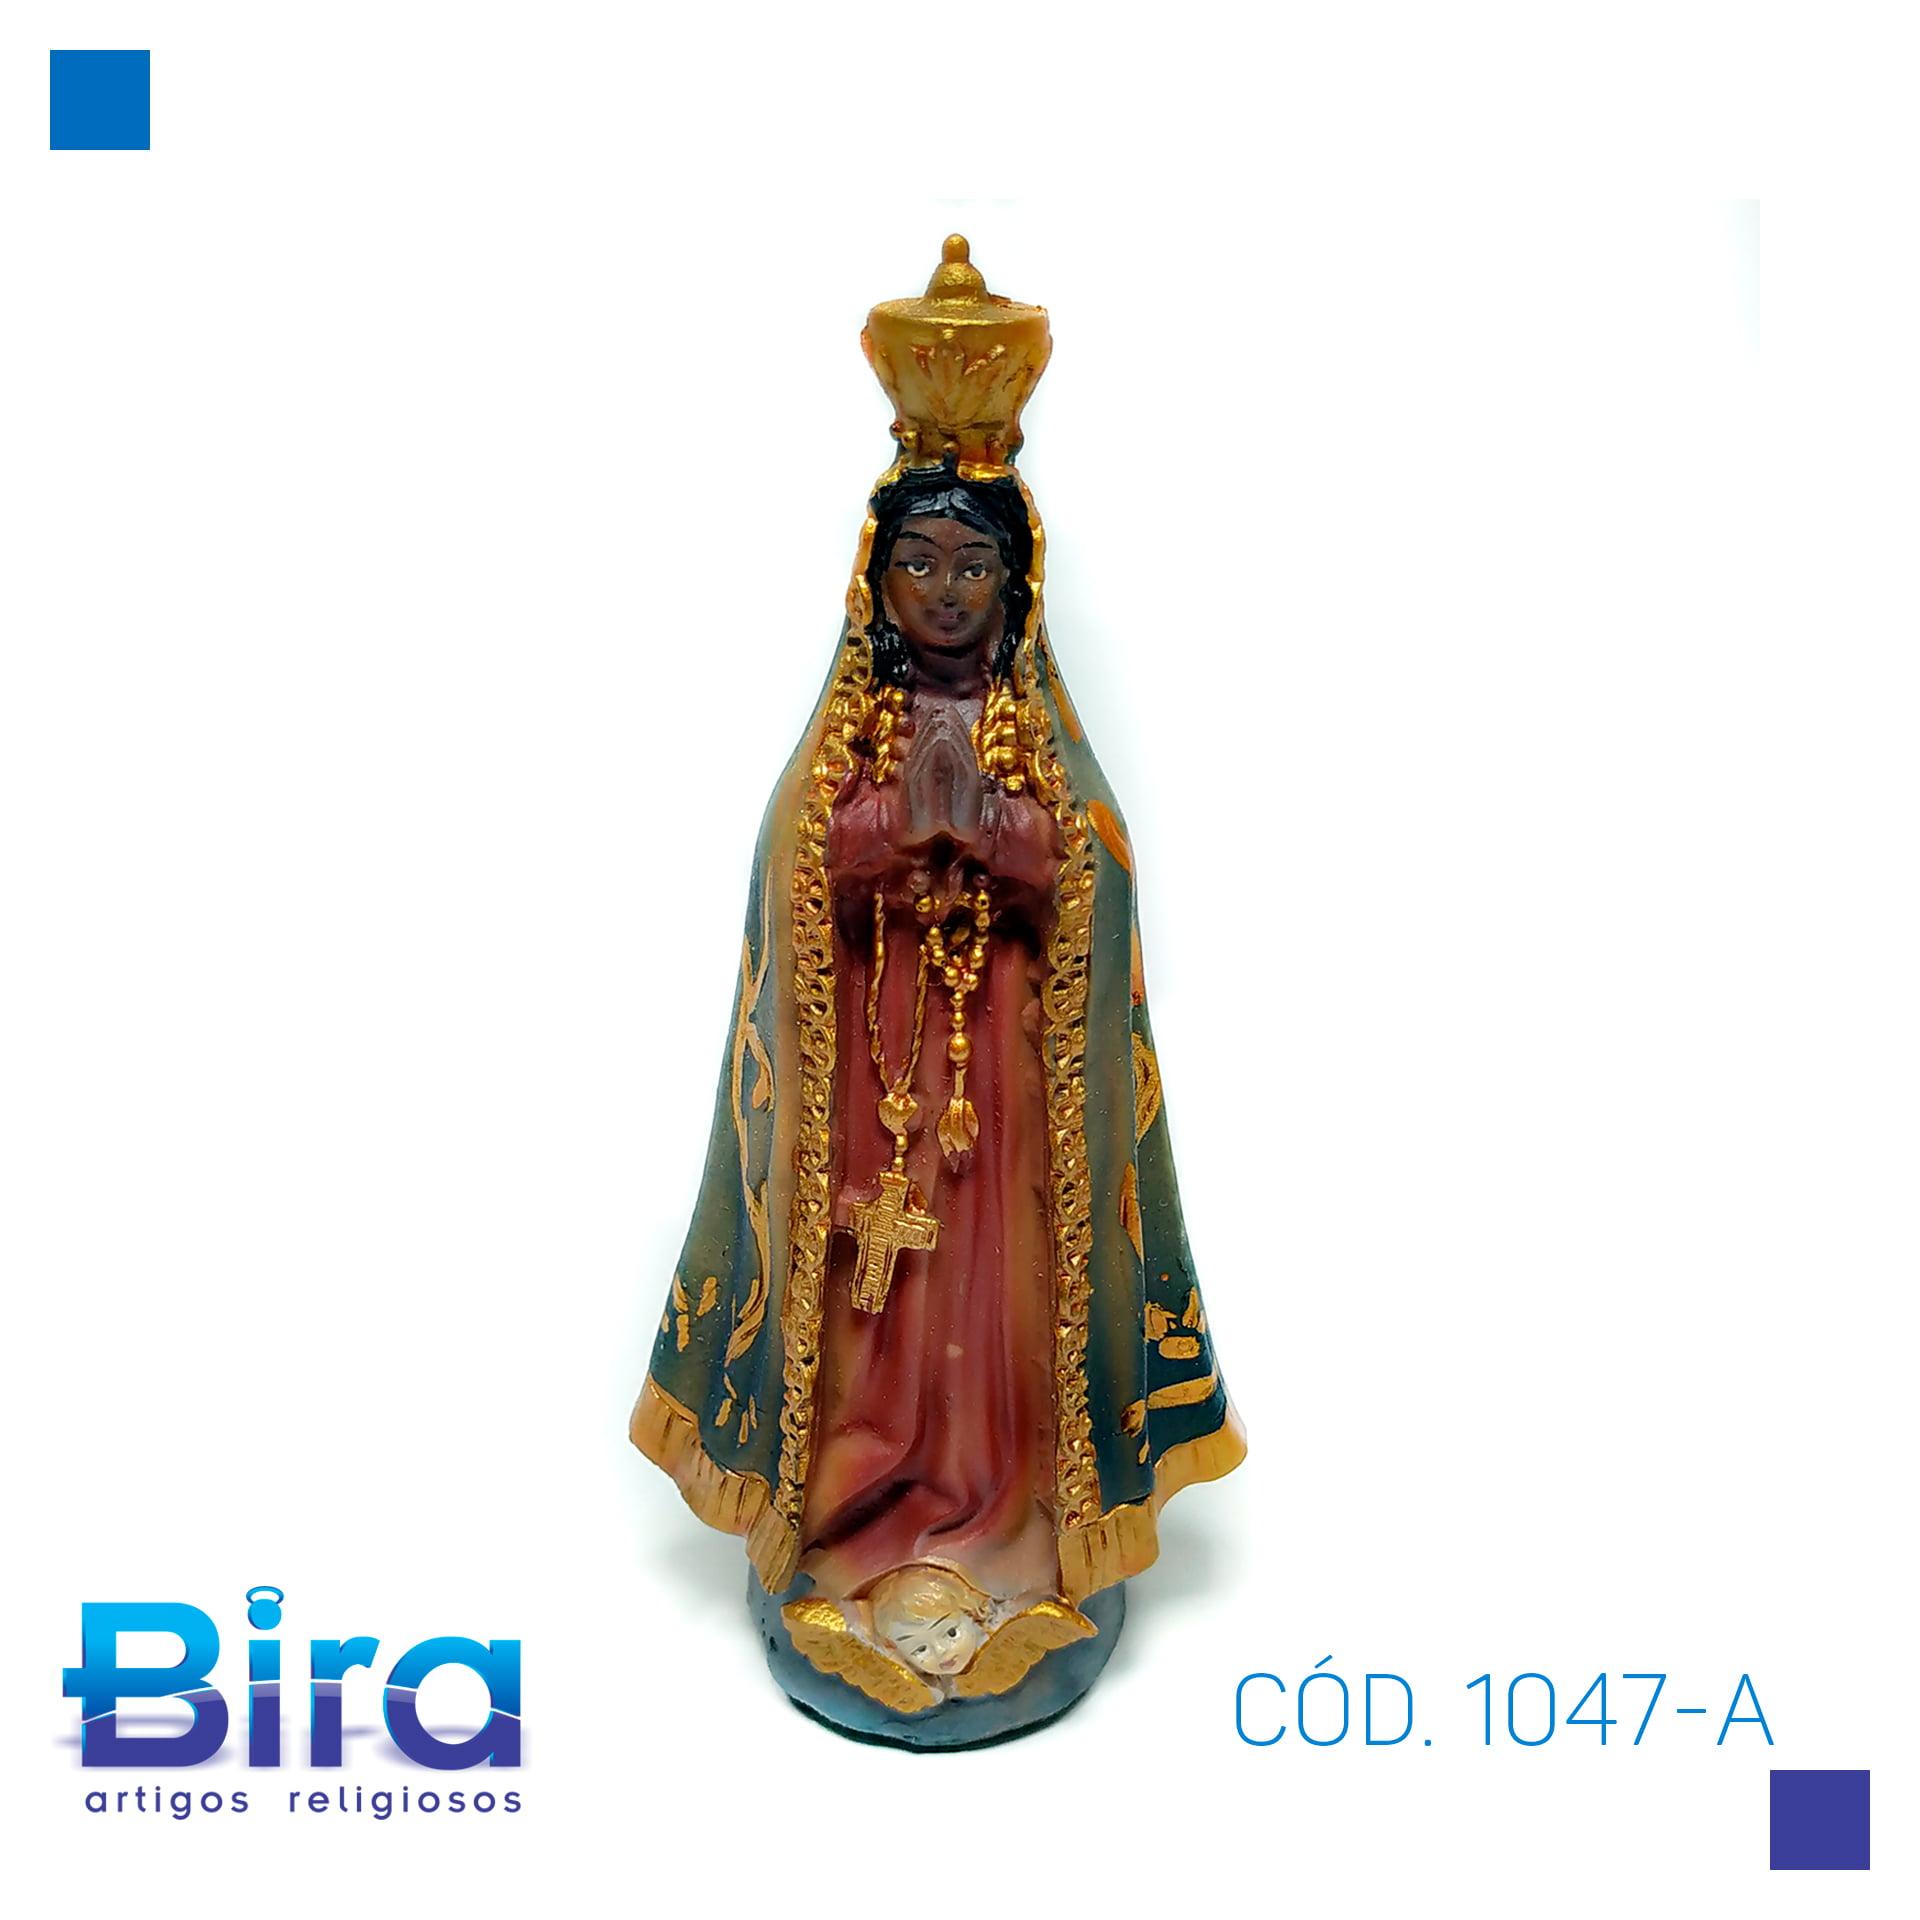 Bira Artigos Religiosos - NOSSA SENHORA  APARECIDA 12 CM - CÓD. 1047-A